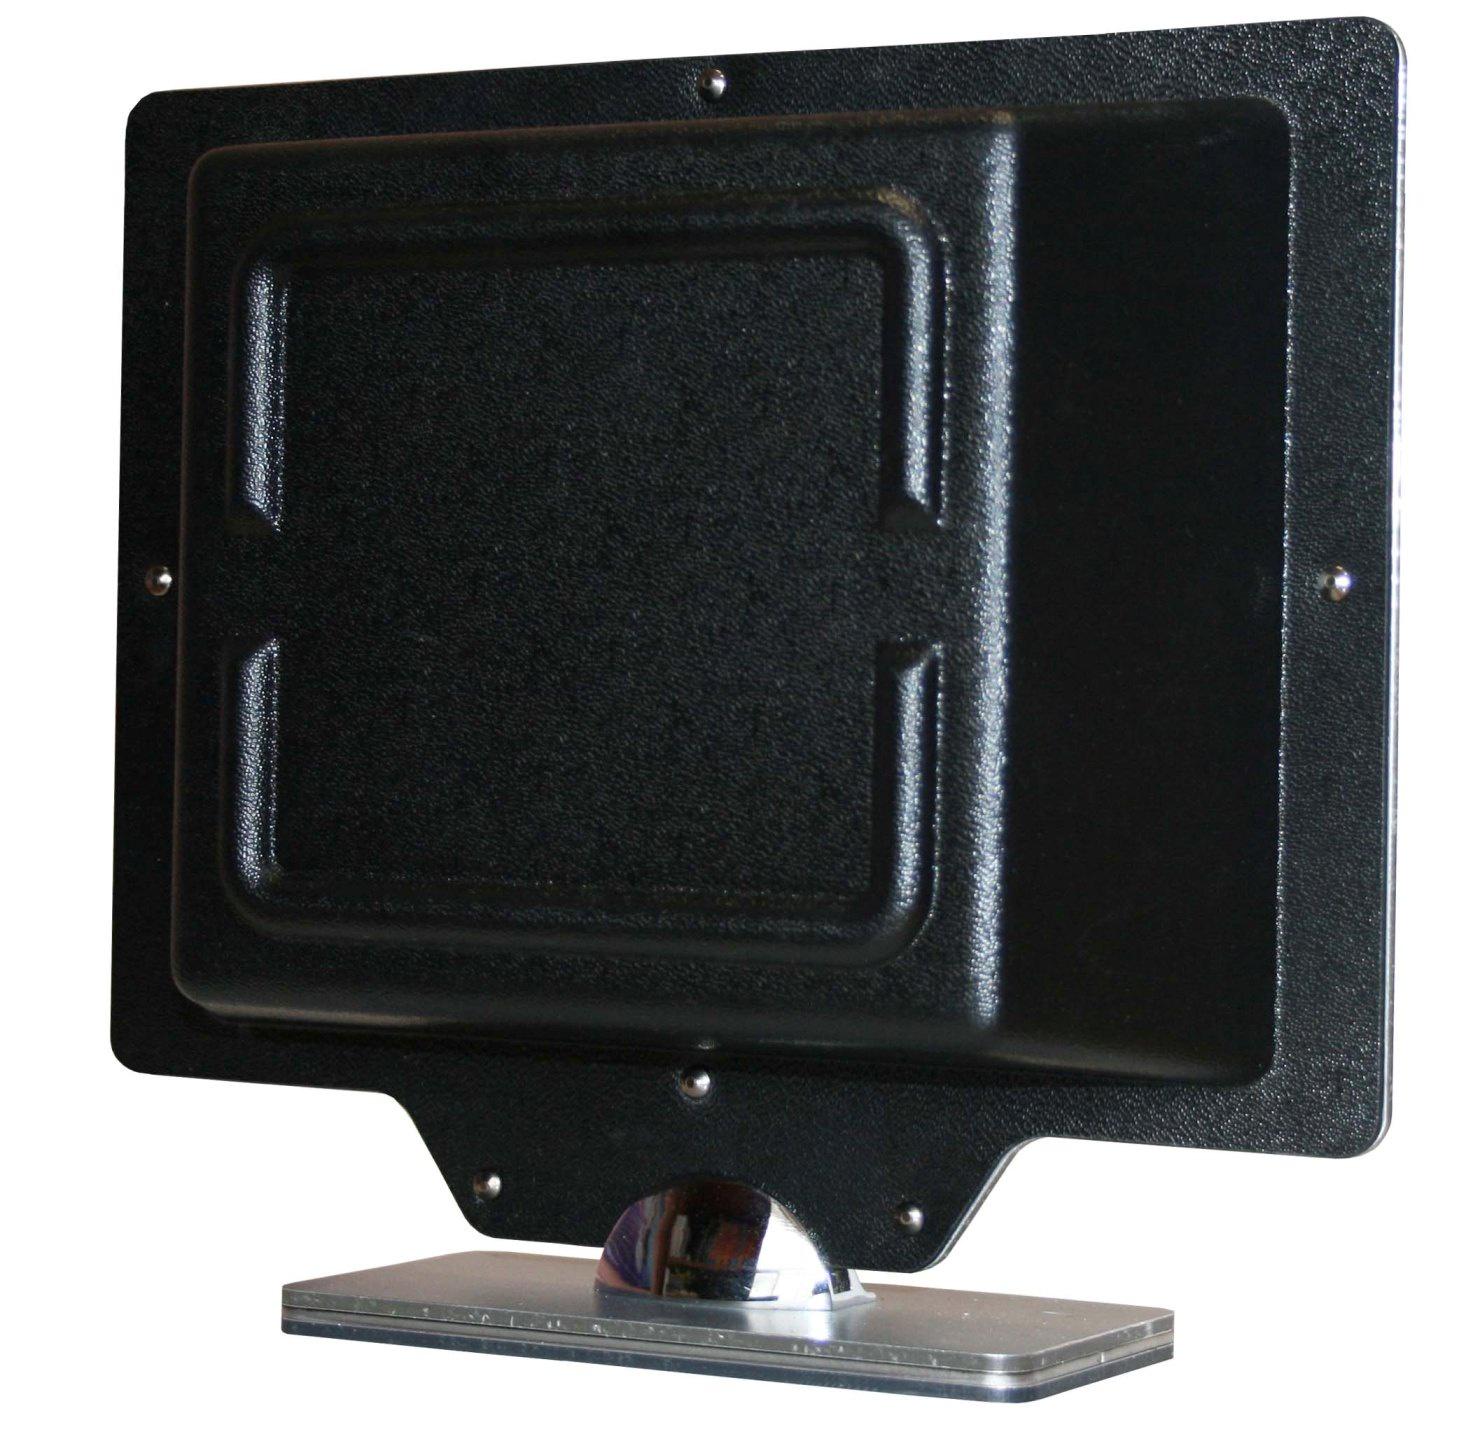 Комнатная телевизионная антенна Т-3310/ ДМВ, DVBT/T2, направленная активная цифровая, для отражённого и прямого сигнала, черная